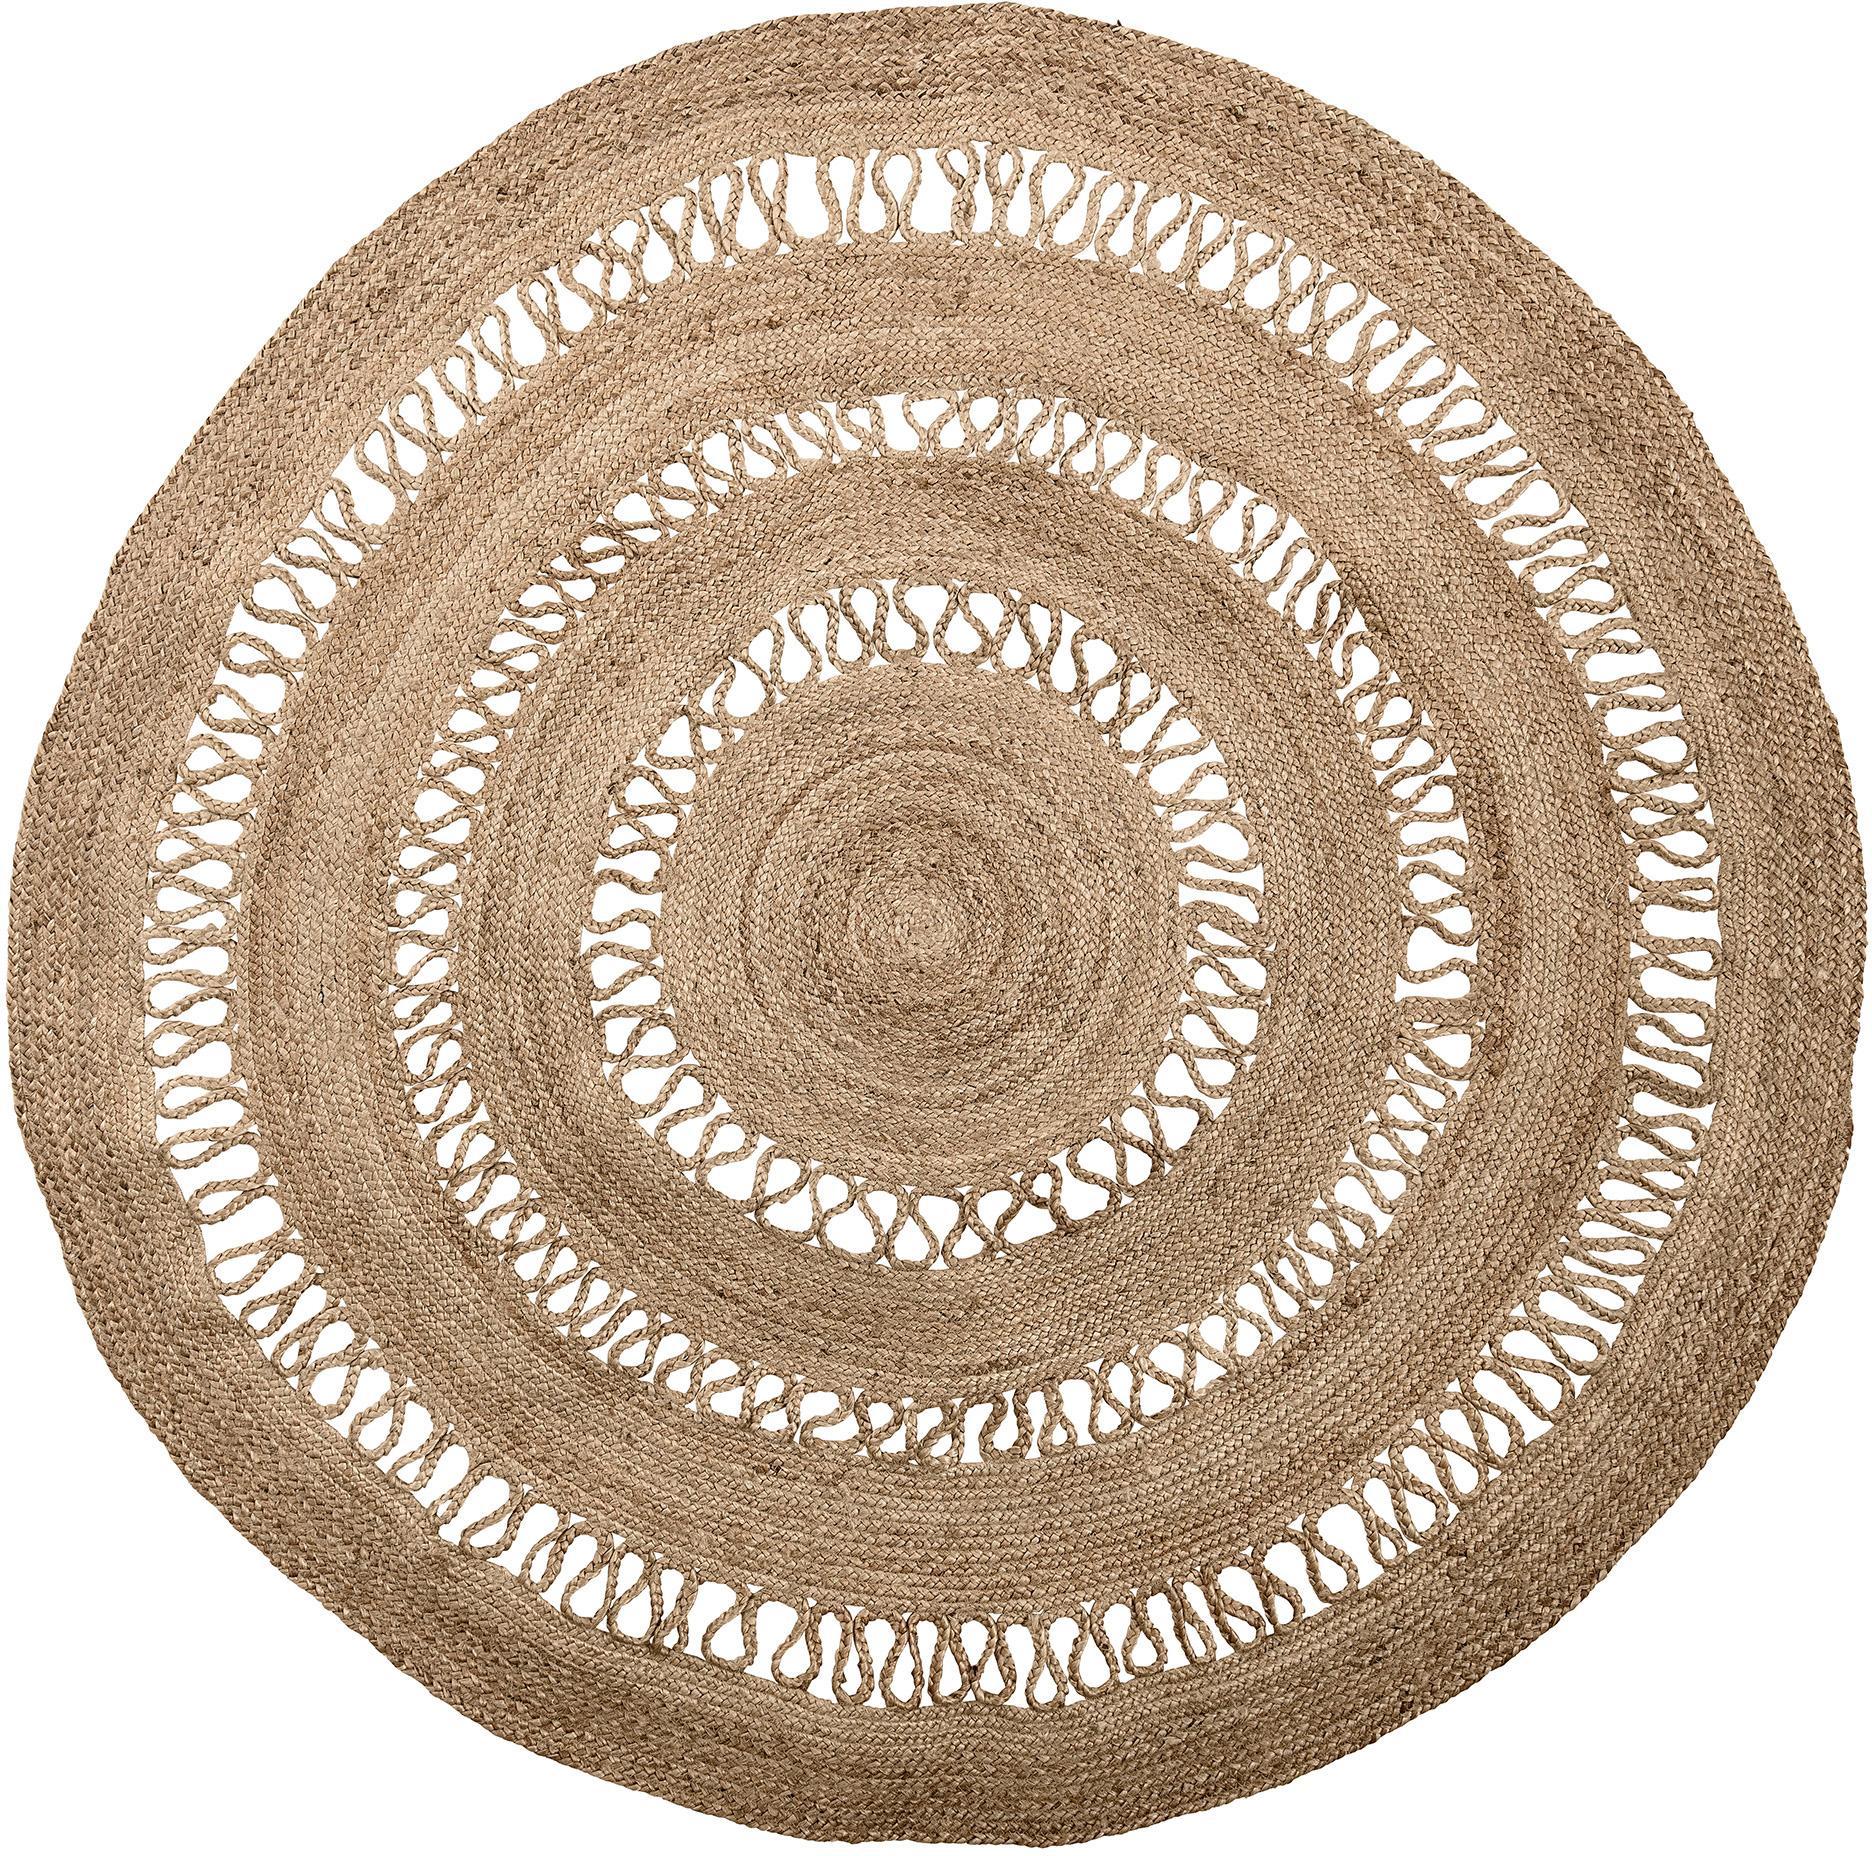 Alfombra redonda de yute Benita, estilo boho, Yute, Ø 182 cm (Tamaño L)